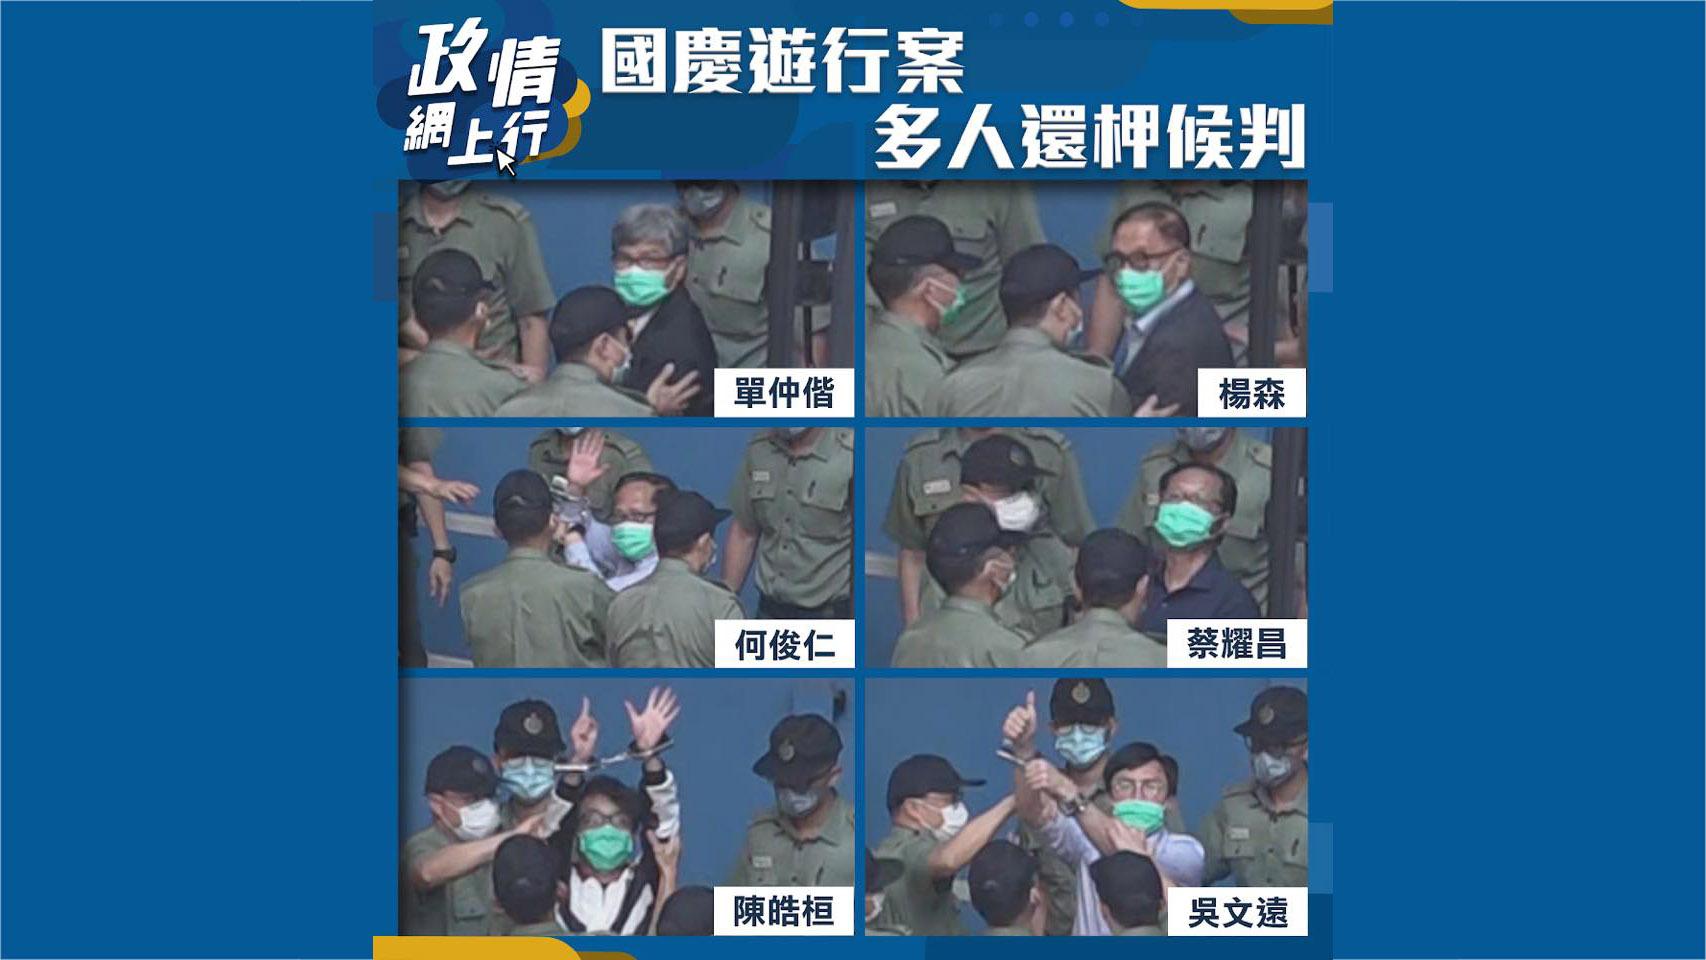 【政情網上行】國慶遊行案 多人還柙候判